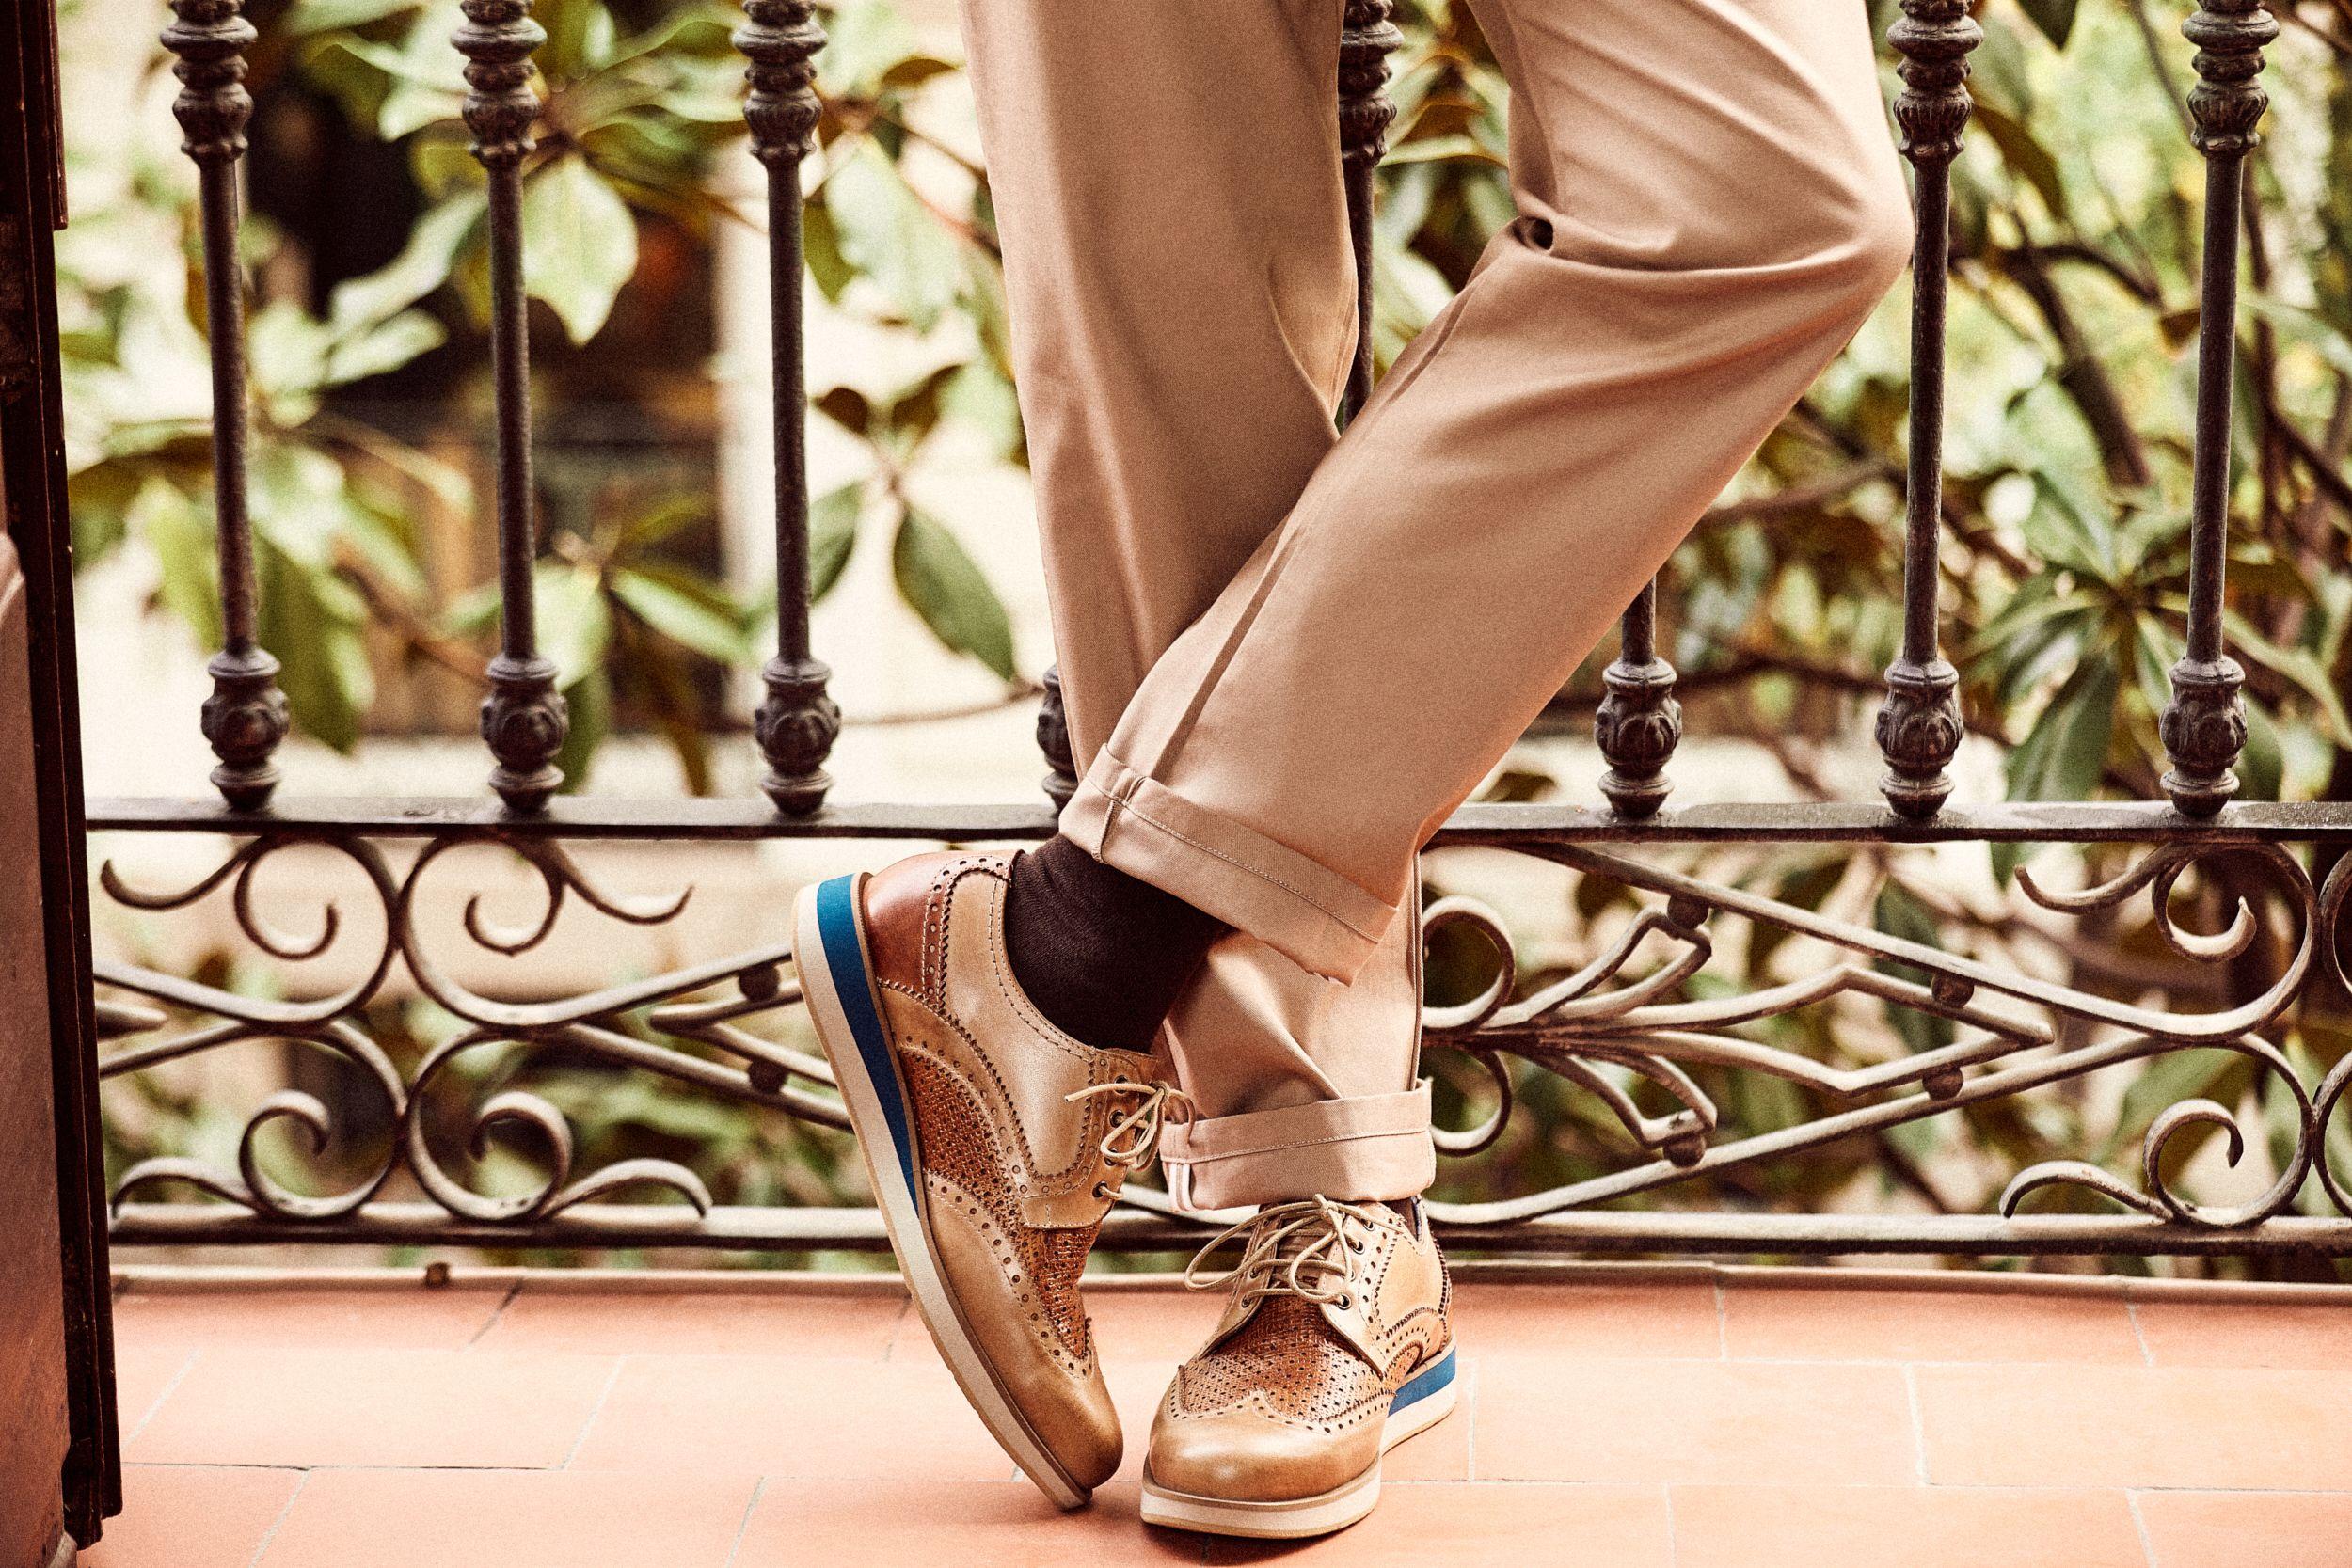 De Menos Que Hombre Zapatos Son Todo Estos Los Verano Debeal dCWrBQxoeE